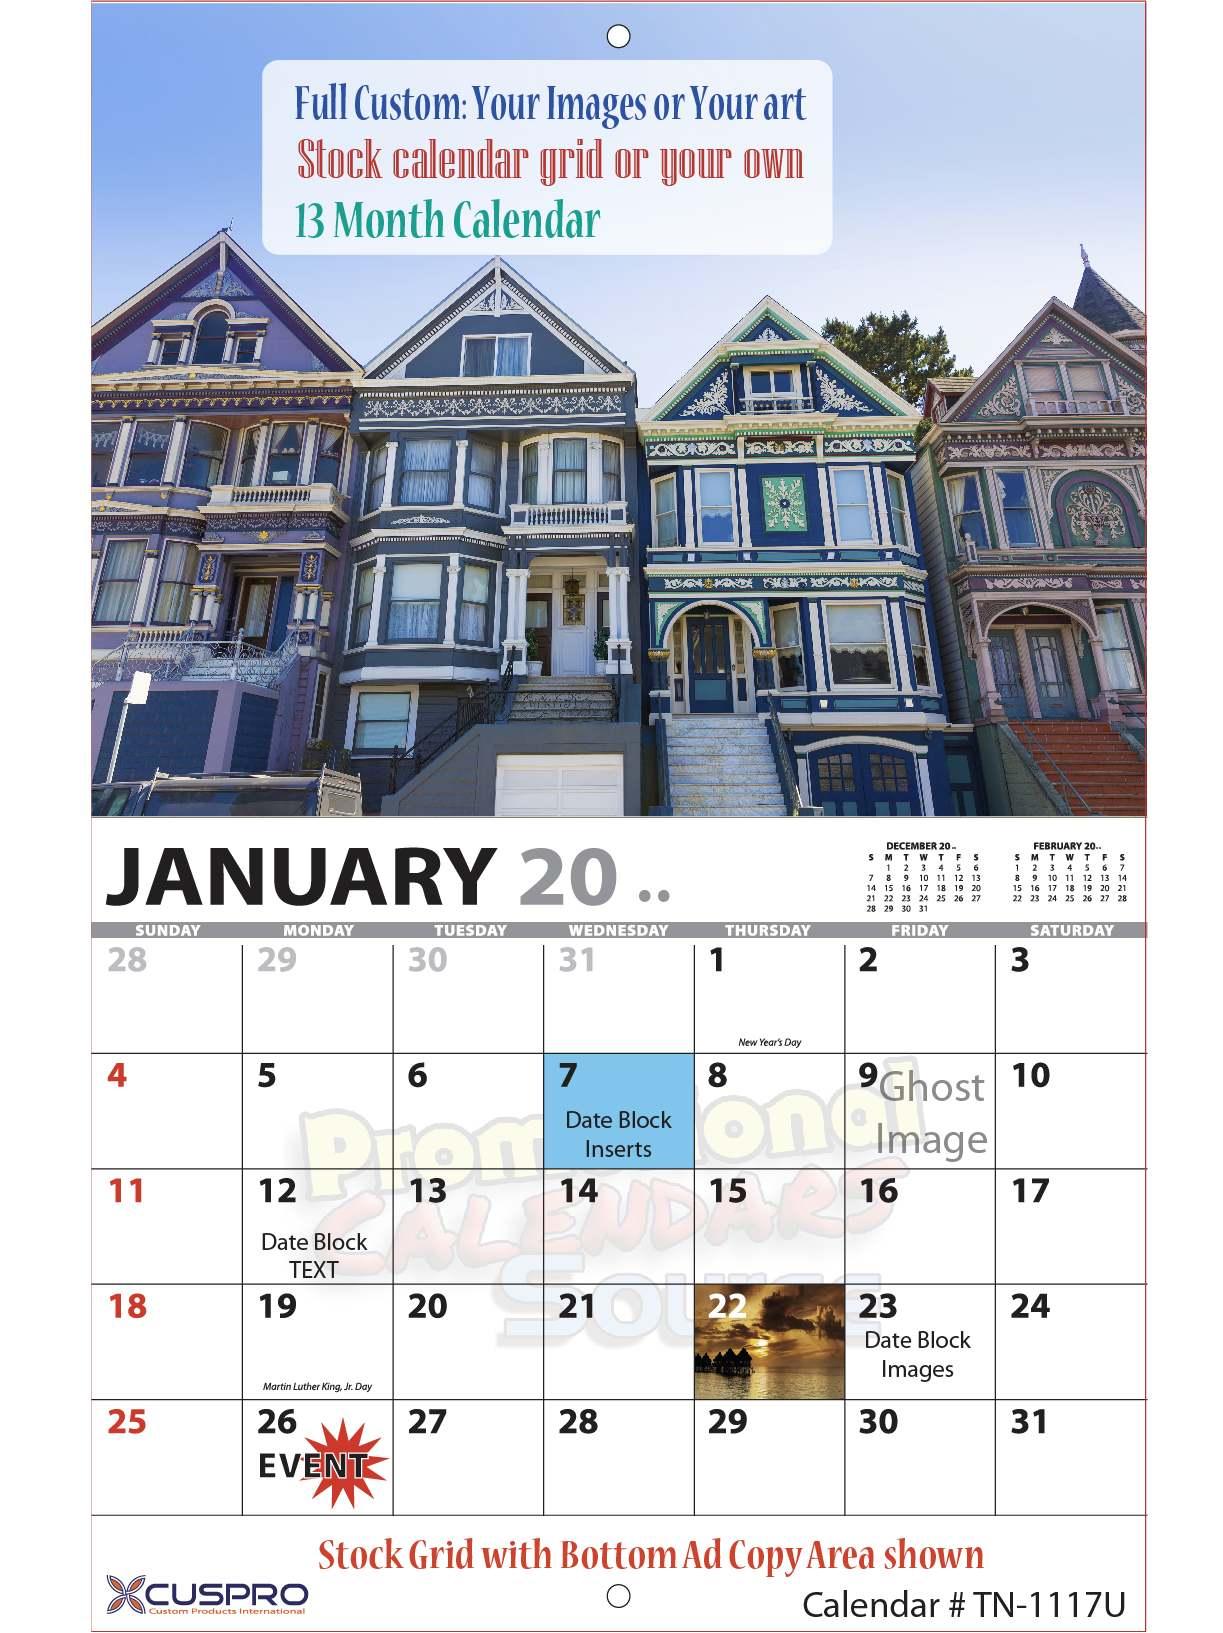 13 Month Custom Photo Wall Calendar, Stapled, Size 11x17, Full-Color Imprint, Full Custom